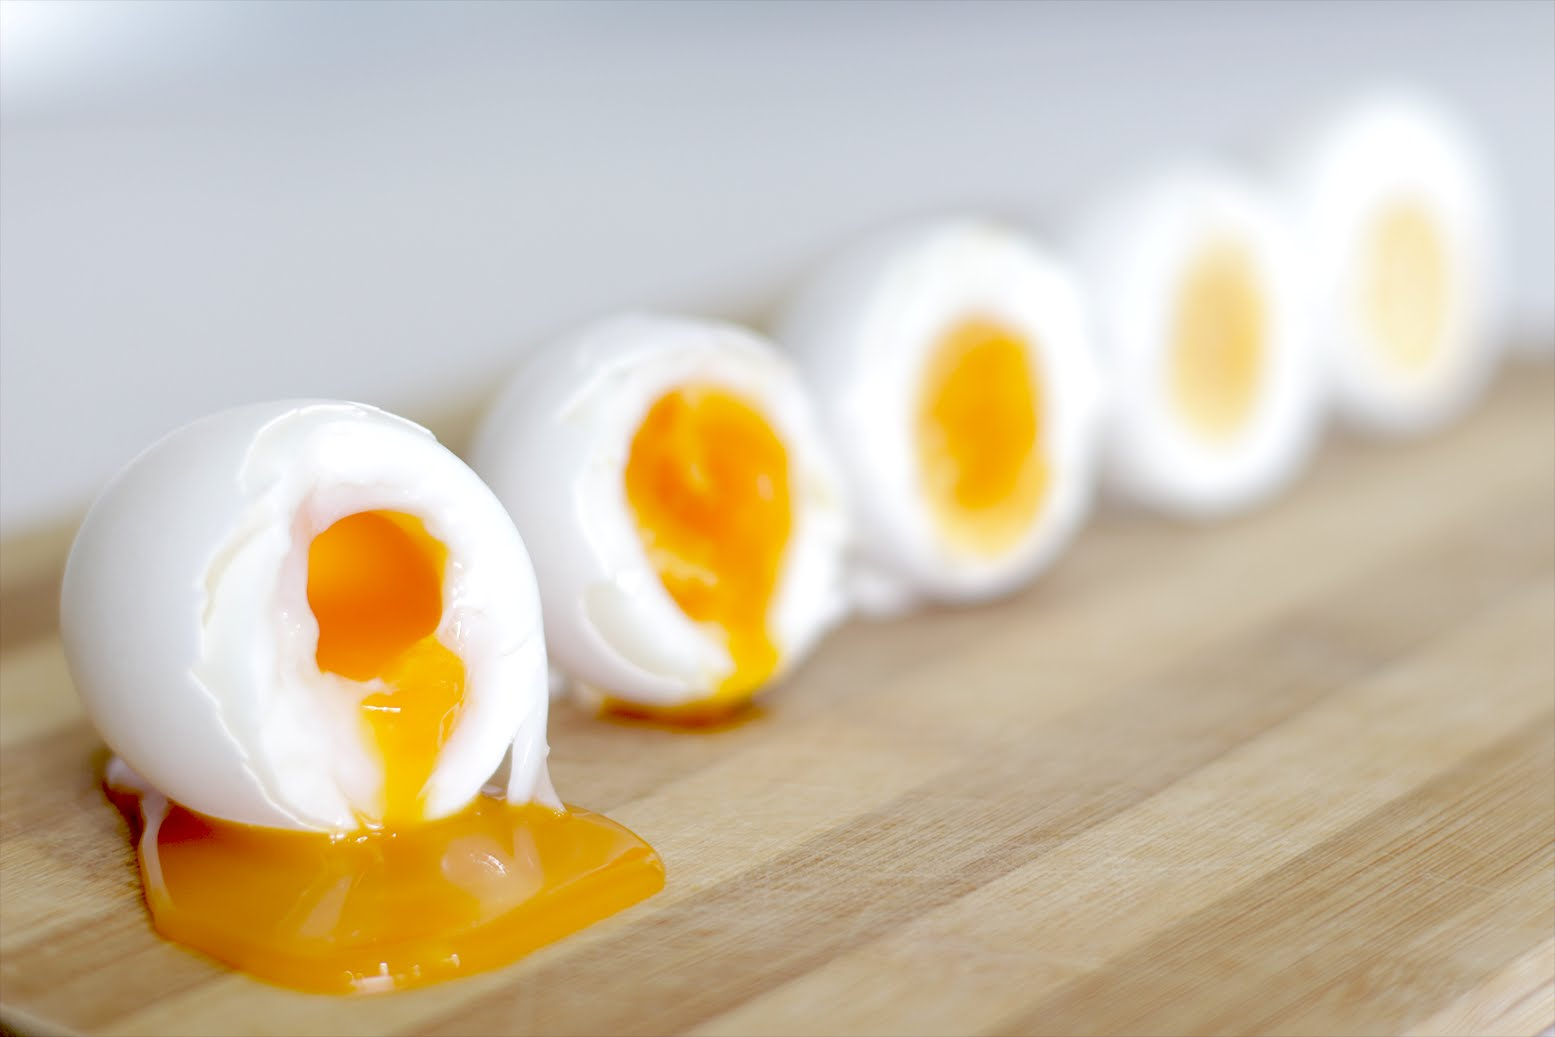 Сколько Варить Яйца Всмятку и Вкрутую - Запомни Раз и Навсегда